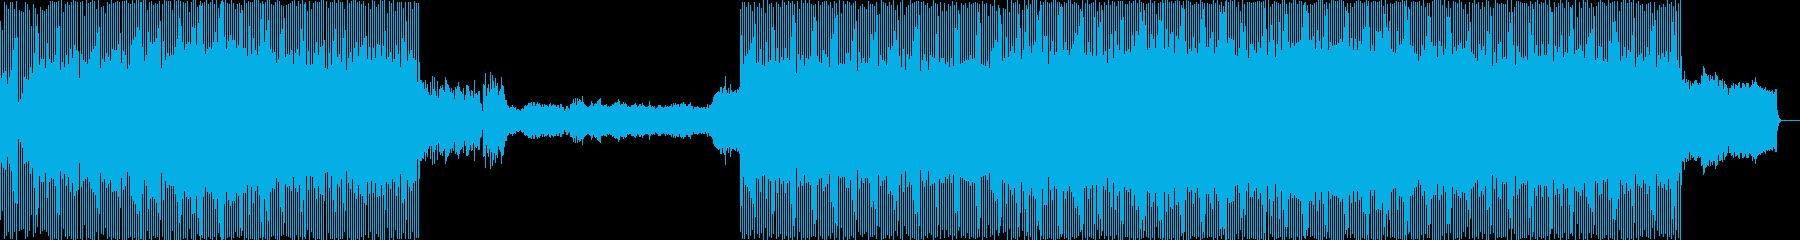 シリアスな場面の再生済みの波形